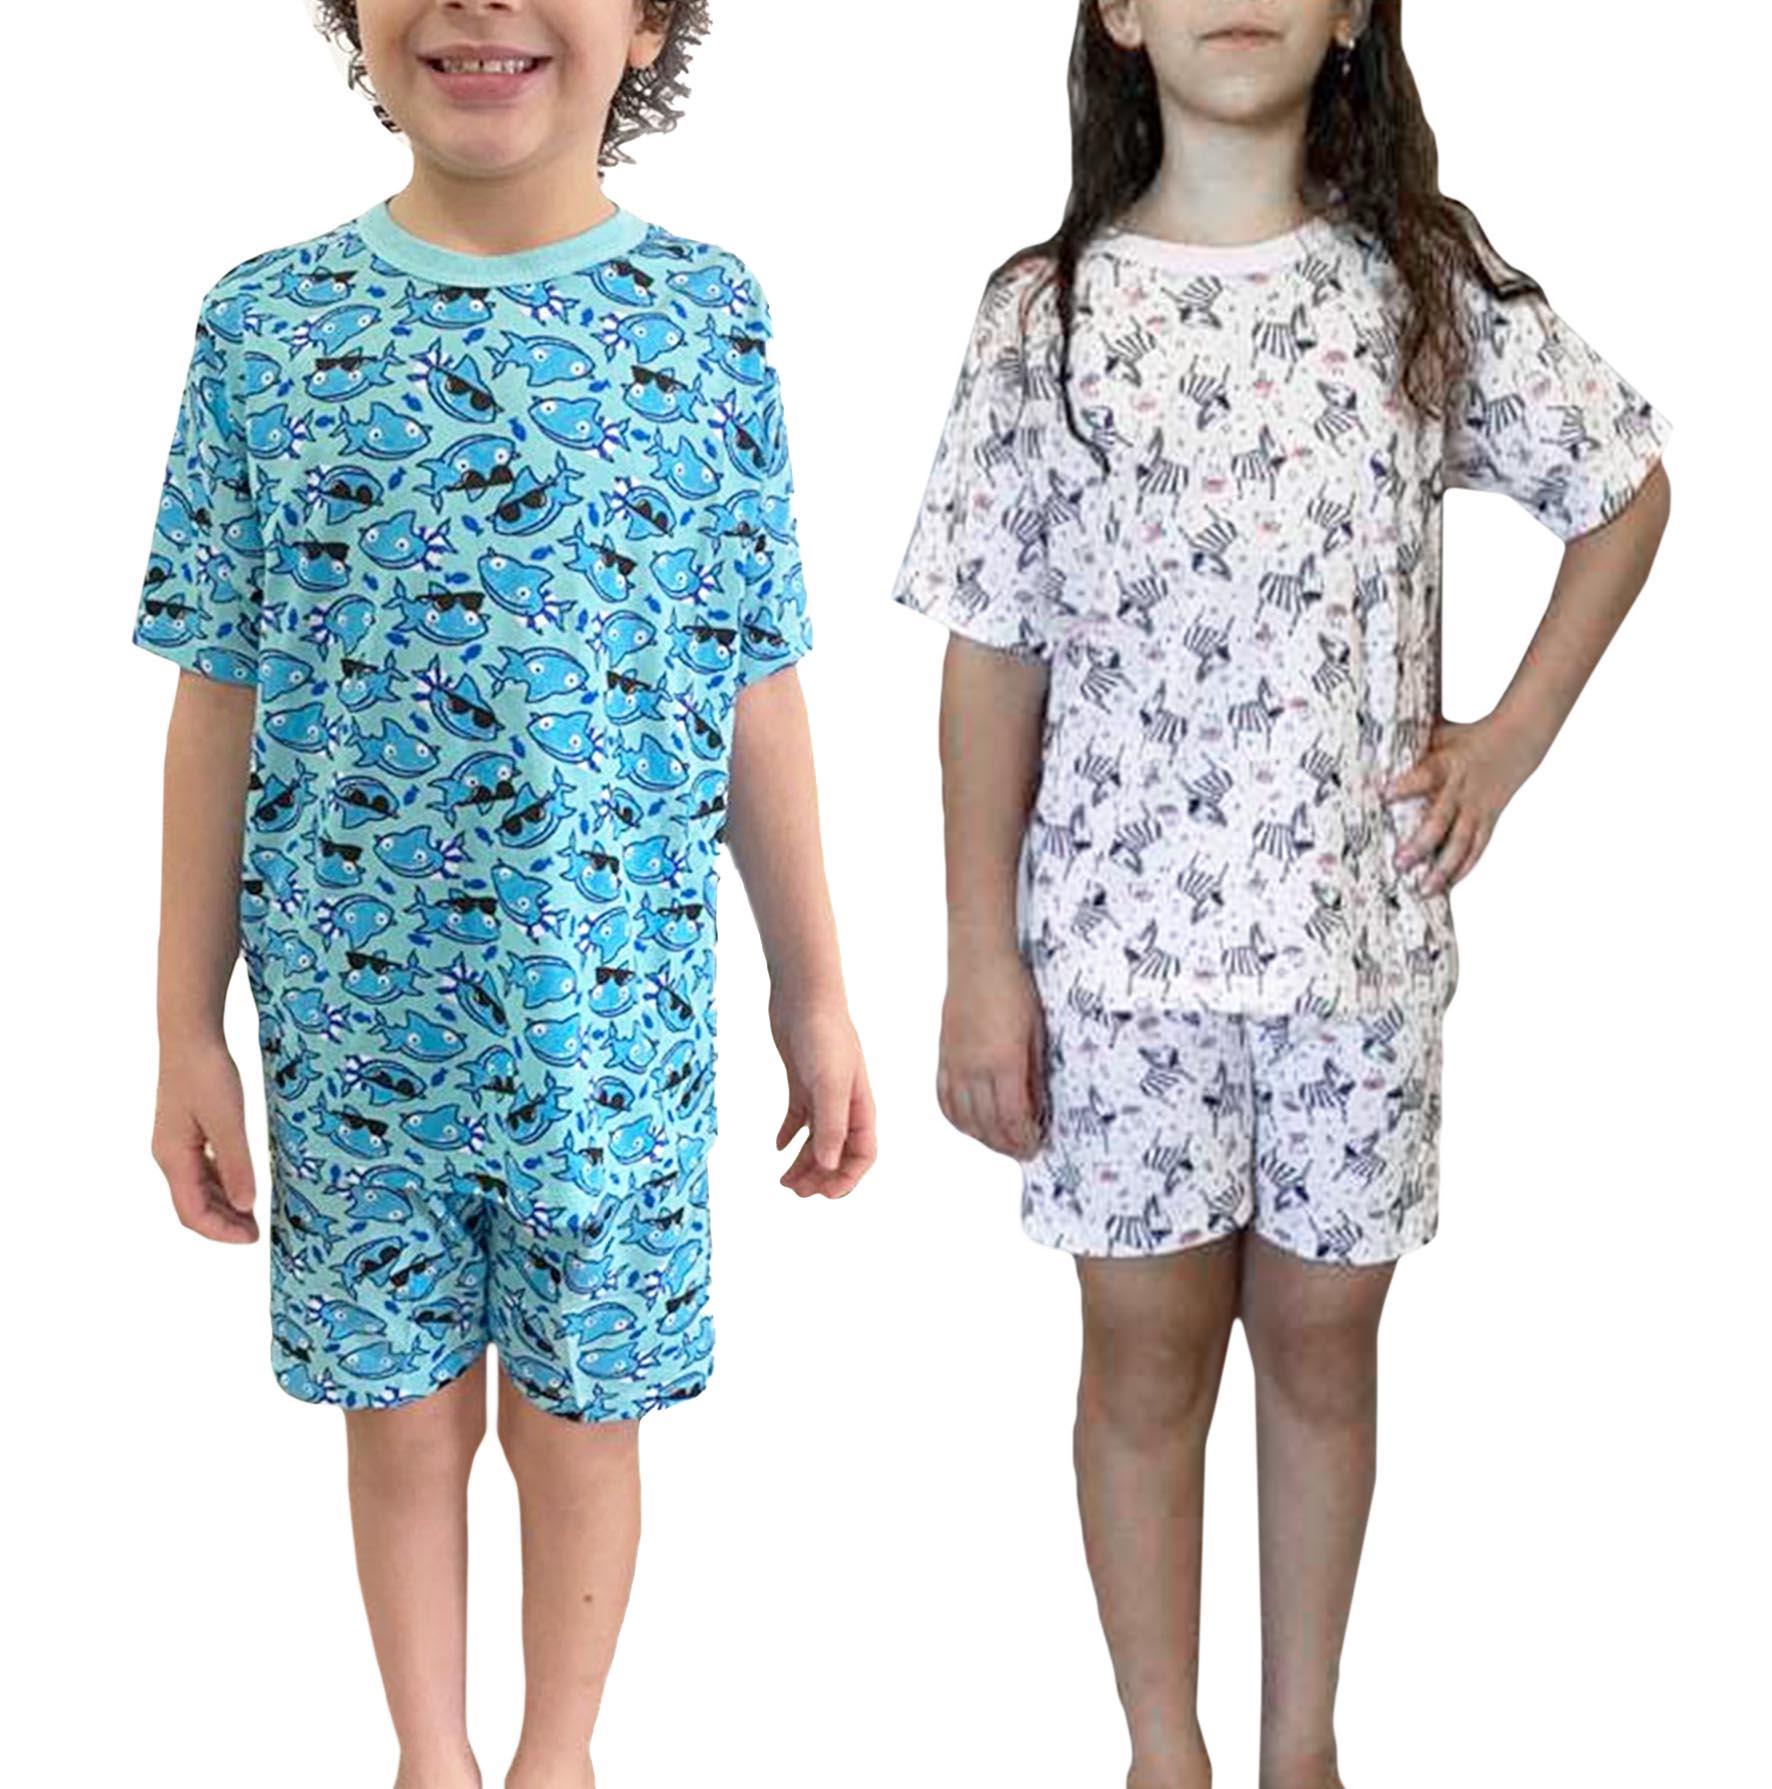 Pijama Infantil Verão 100% Algodão - Estampas divertidas - Tamanho 10 a 16 - Mafessoni